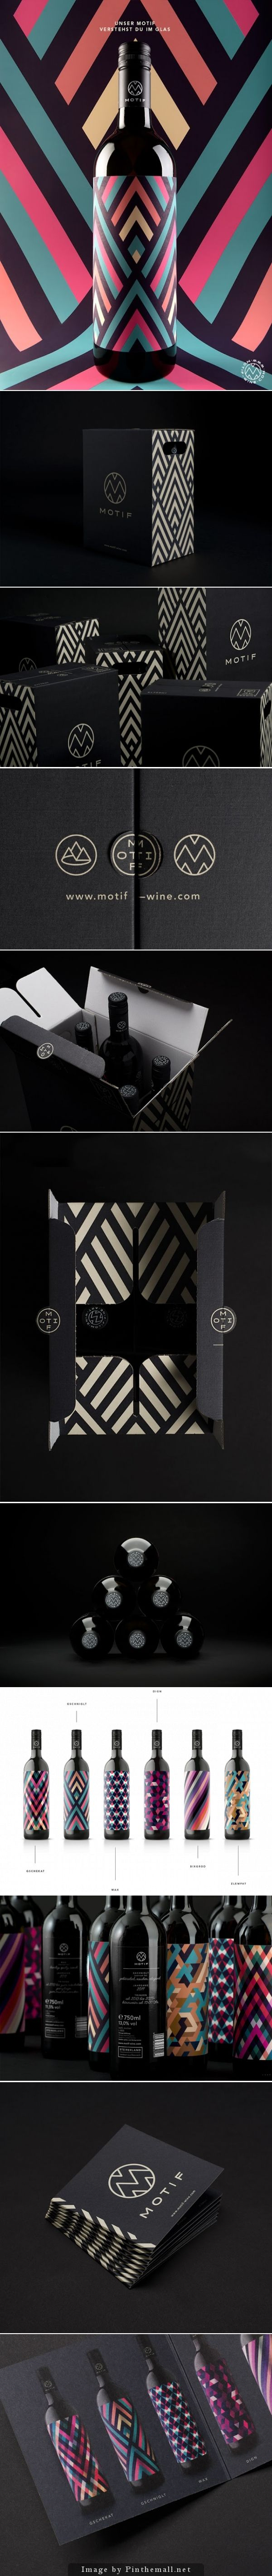 Motif #Wine #packaging #design, Creative Agency: EN GARD - http://www.packagingoftheworld.com/2014/10/motif-wine.html